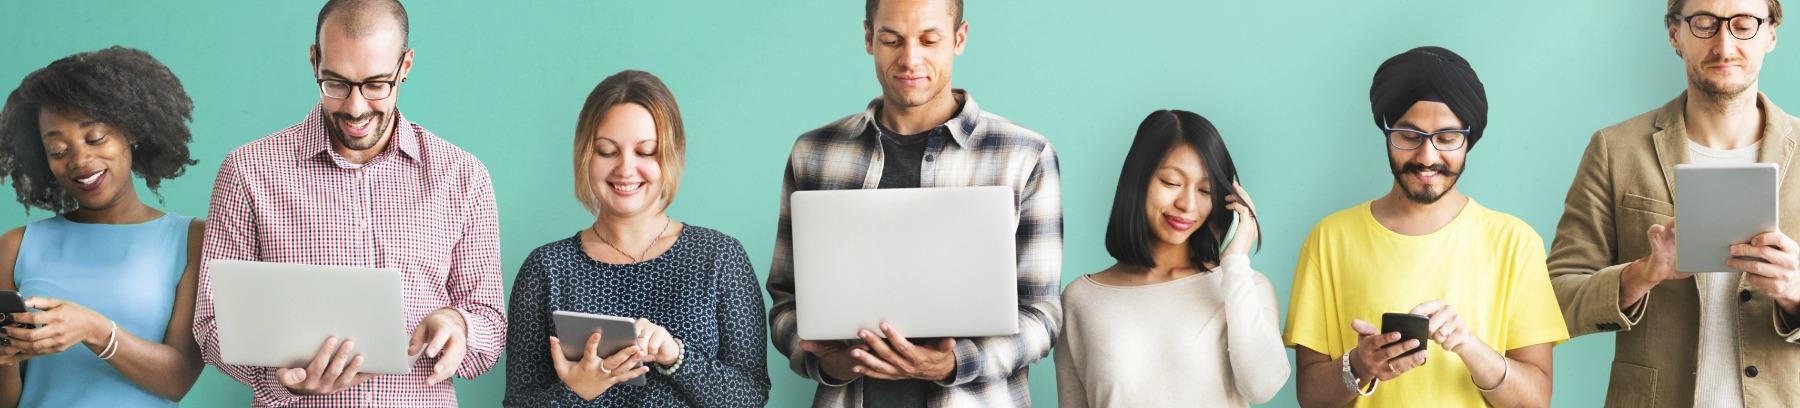 digital marketing trends.jpg